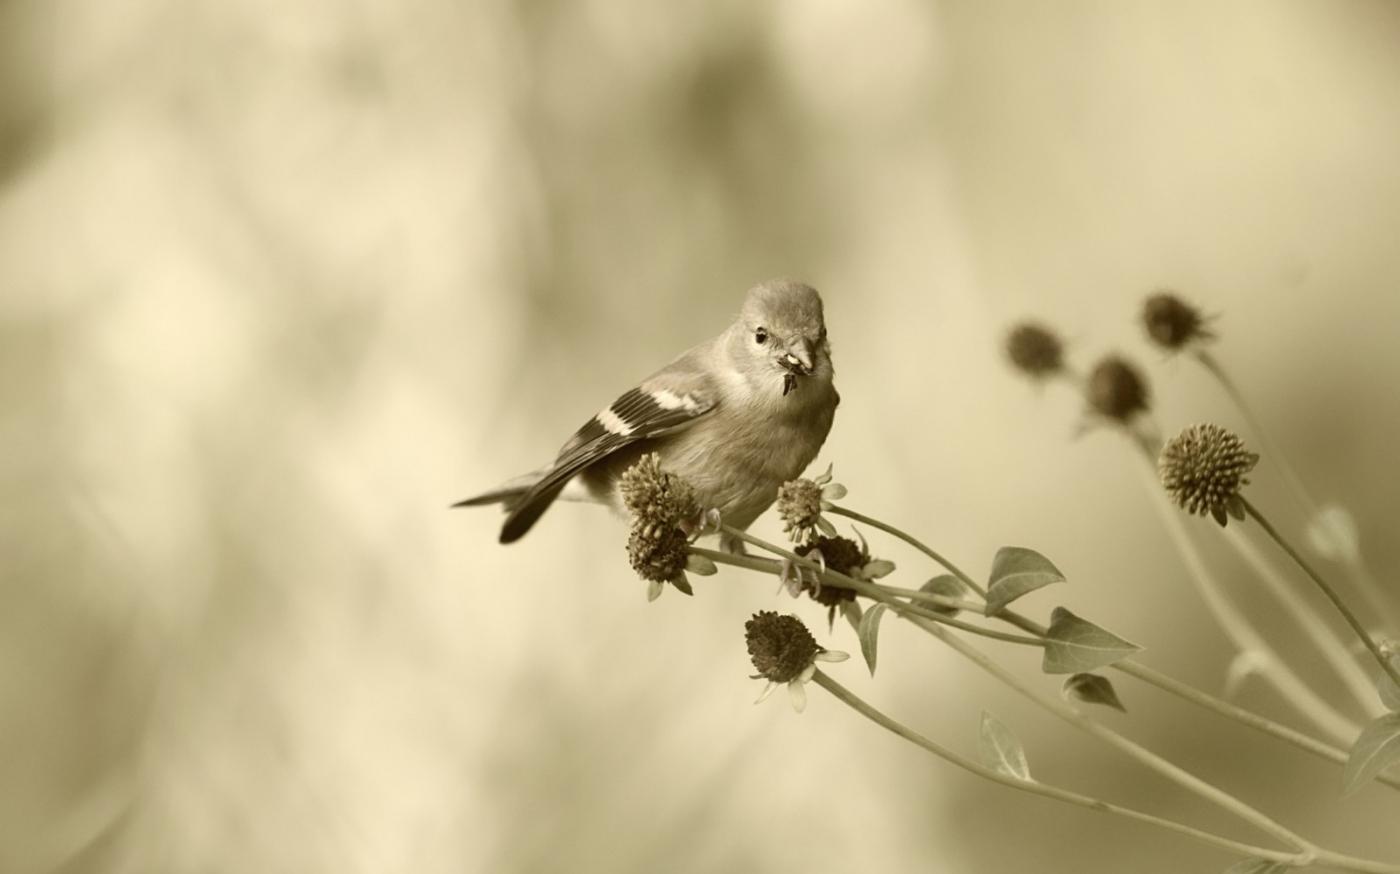 [田螺摄影]金翅鸟_图1-2